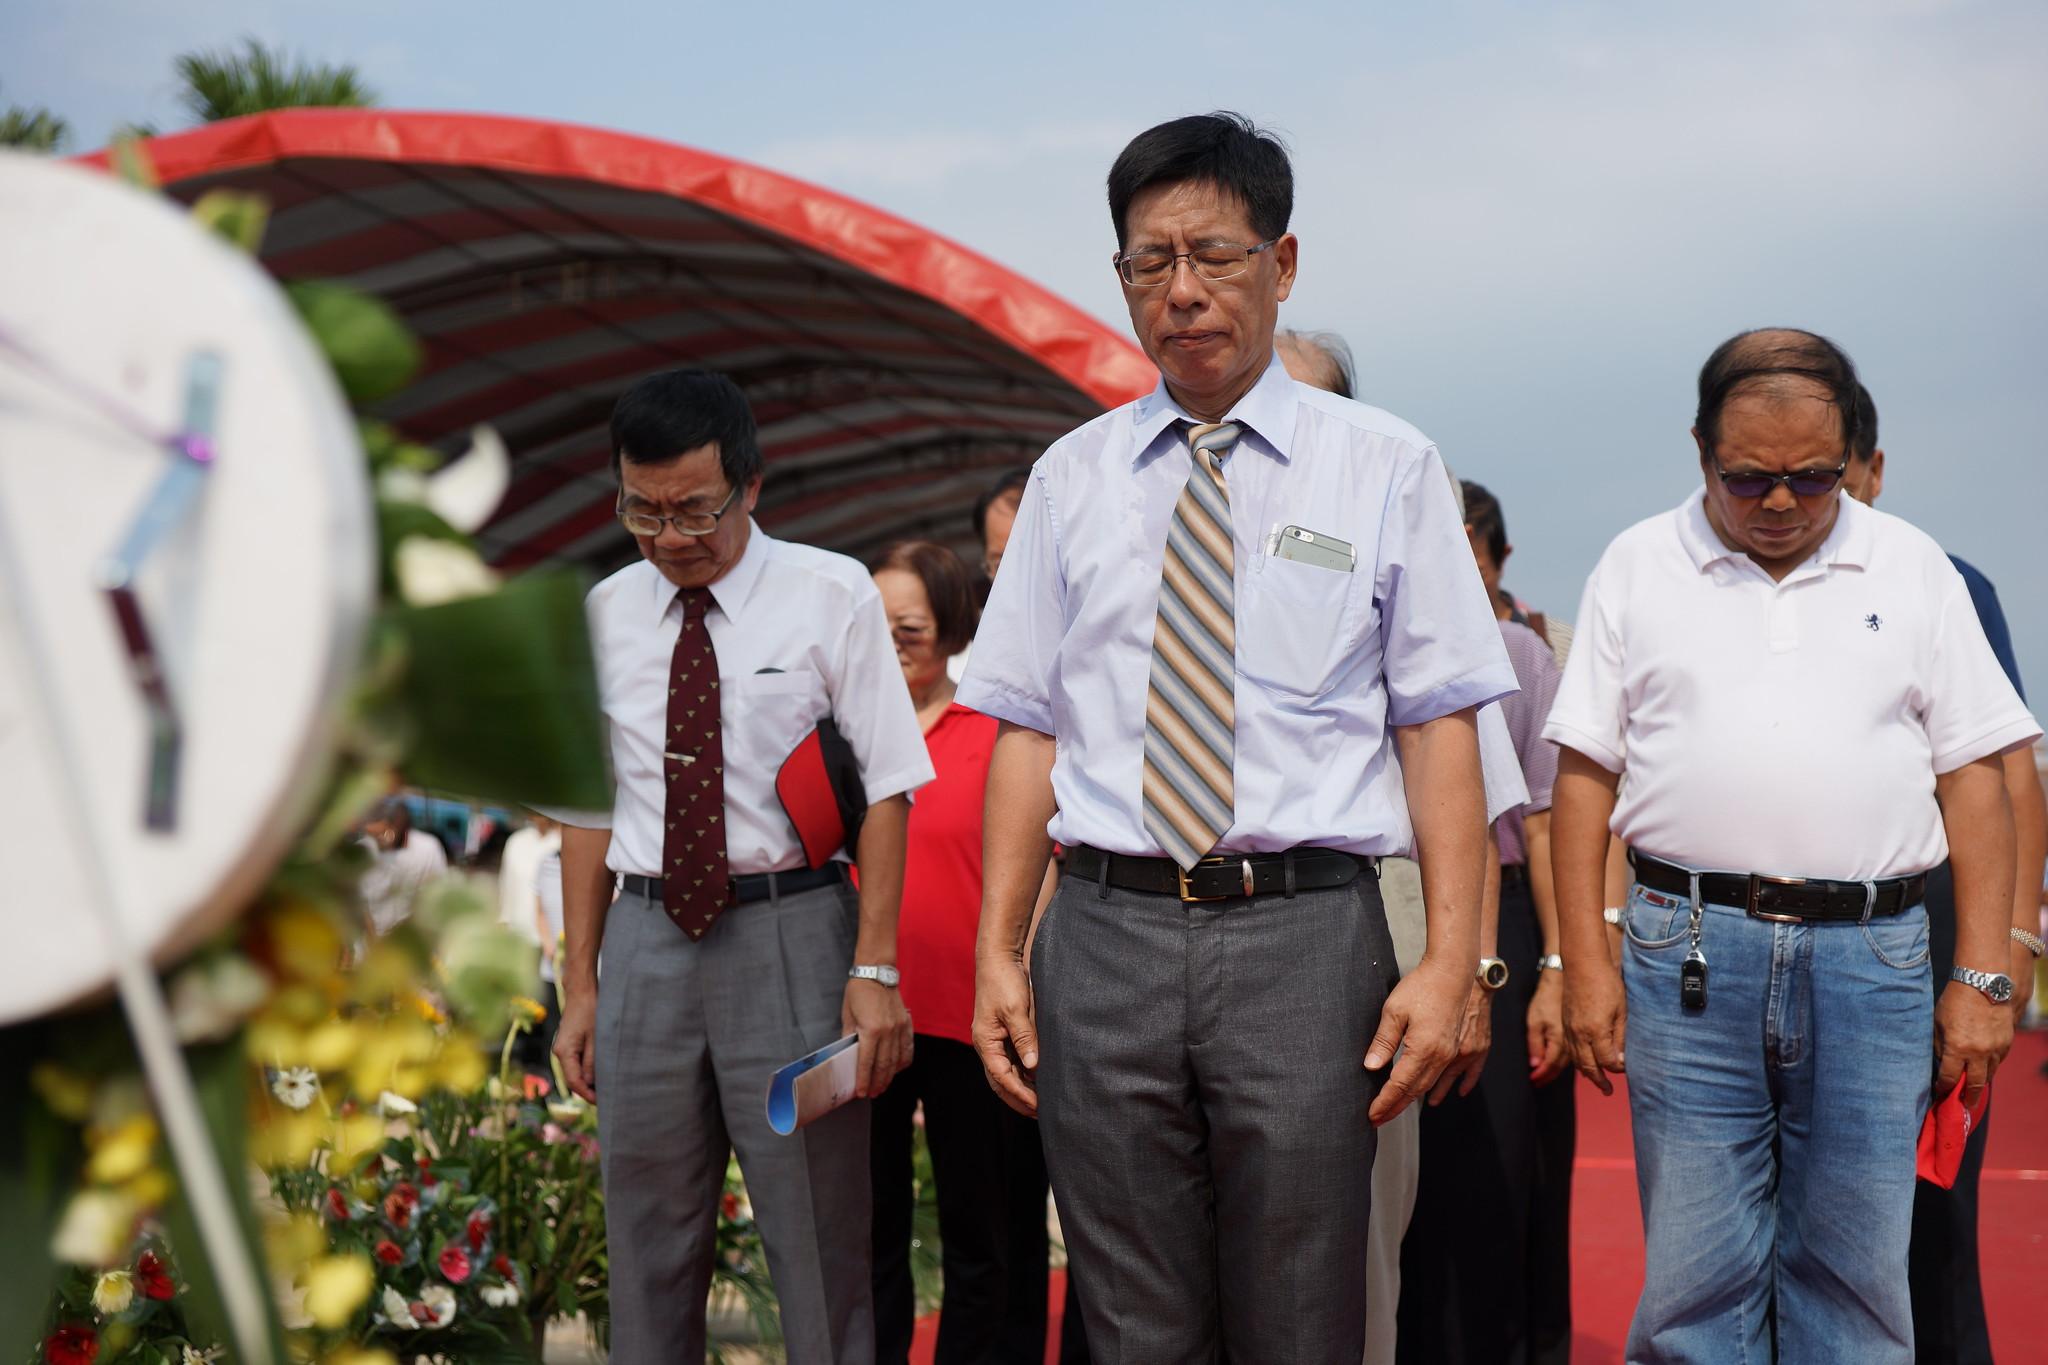 蔡裕榮(前排中)等代表在台前向受難者默哀致敬。(攝影:王顥中)